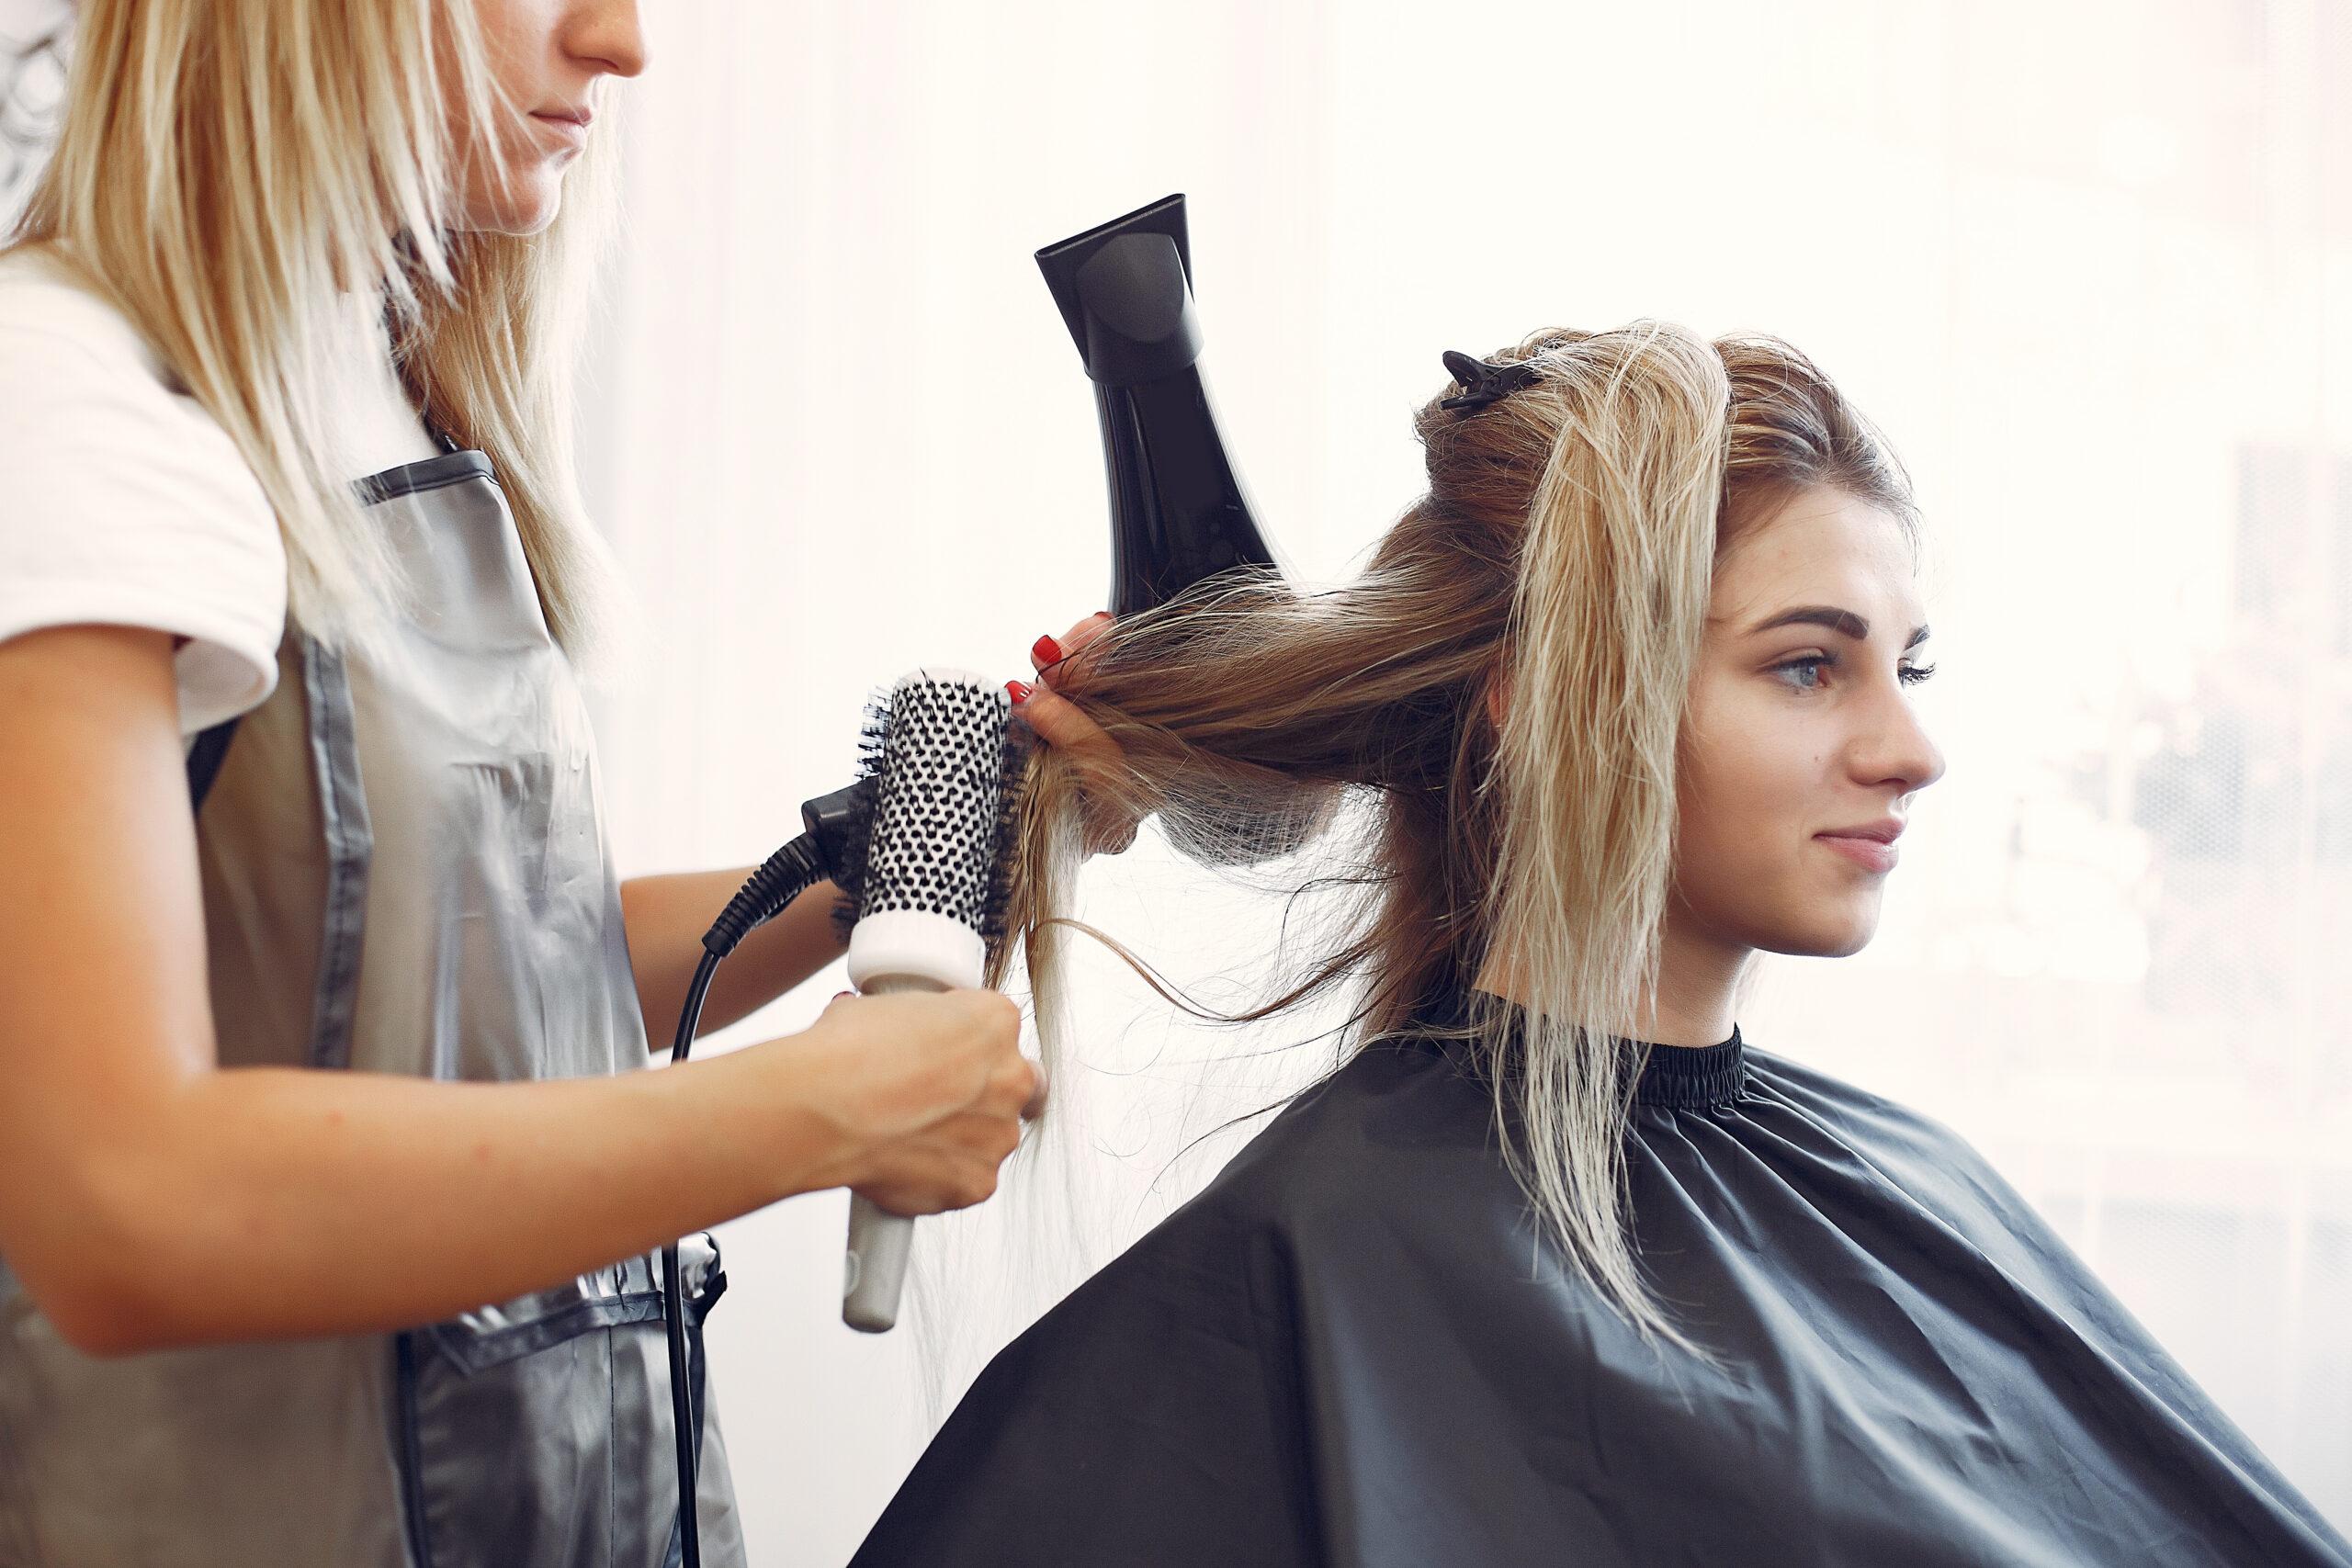 Mulher secando e fazendo escova no cabelo de outra mulher em um salão de beleza.